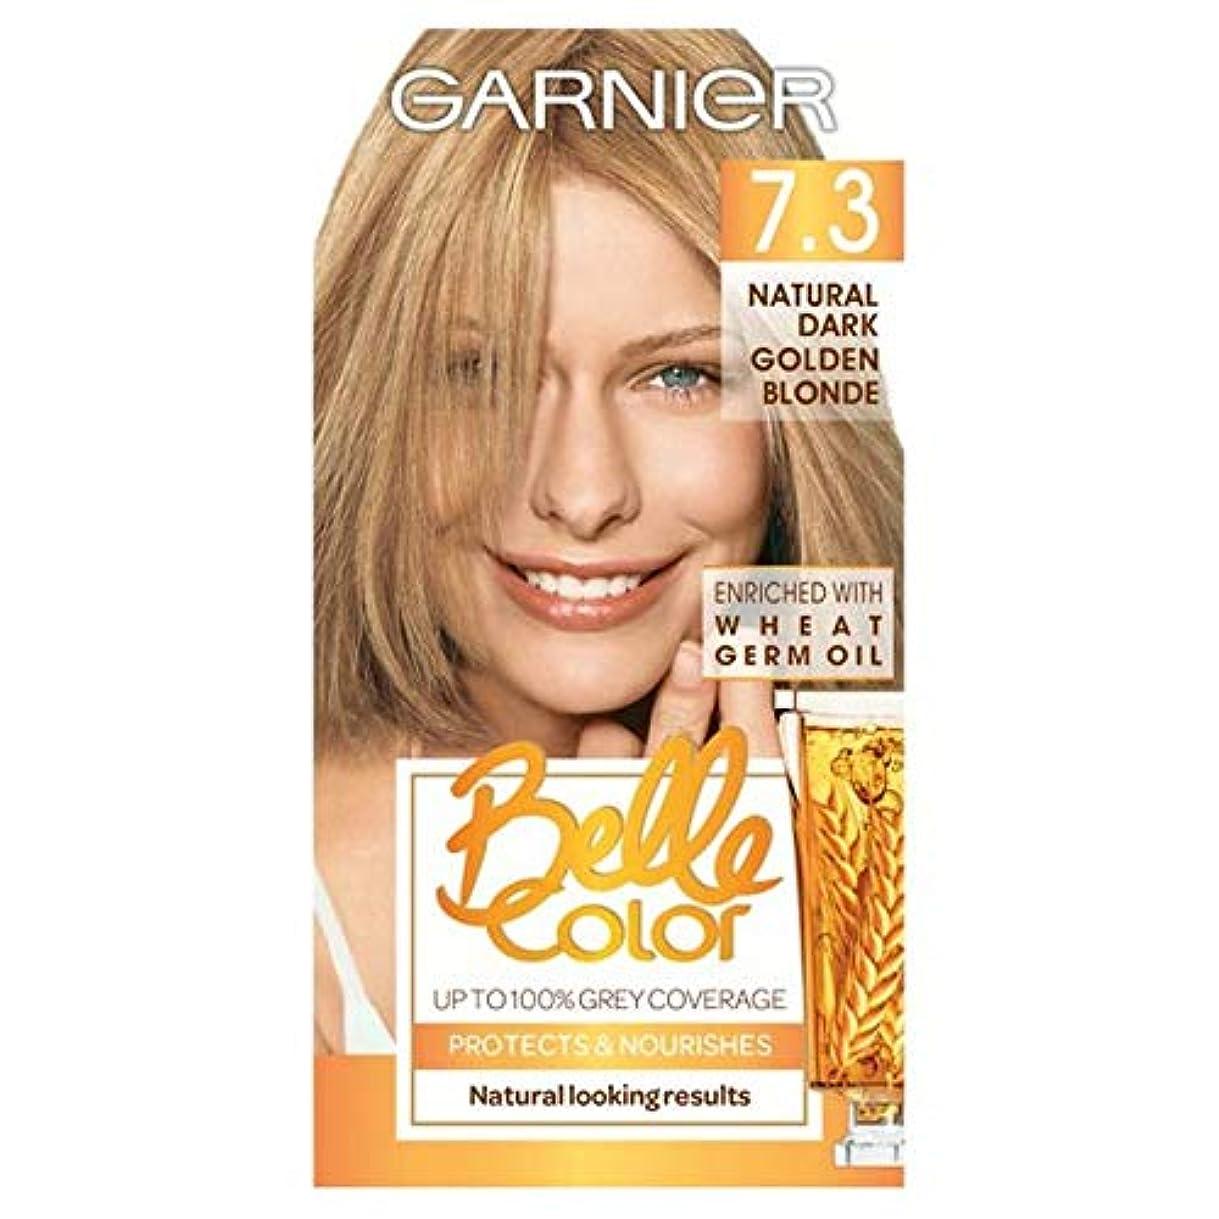 三十エキサイティング水陸両用[Belle Color] ガルニエベルカラー7.3暗い金色のブロンド - Garnier Belle Color 7.3 Dark Golden Blonde [並行輸入品]